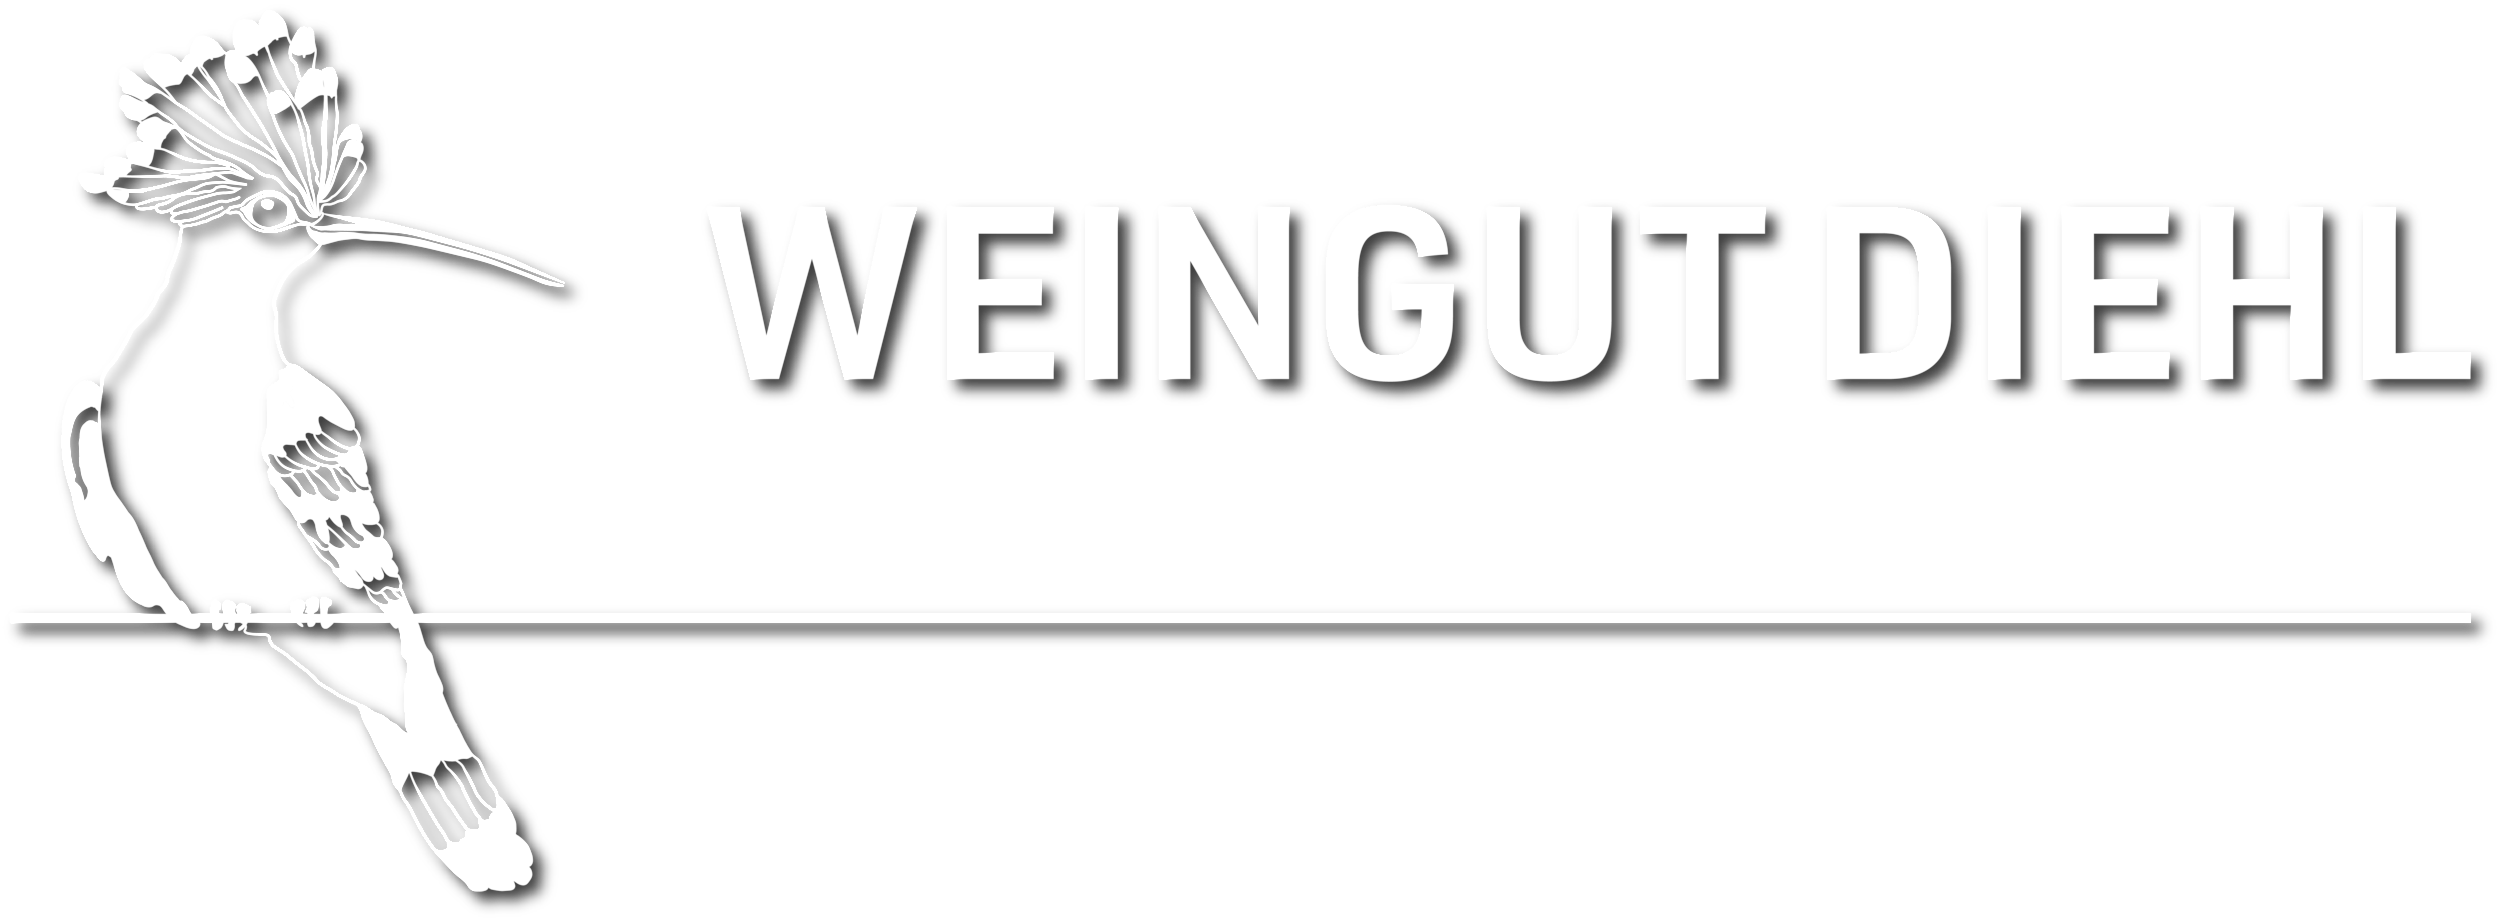 WiedehopfLinieFlaecheWeingut_weiss_schattenAuge.png